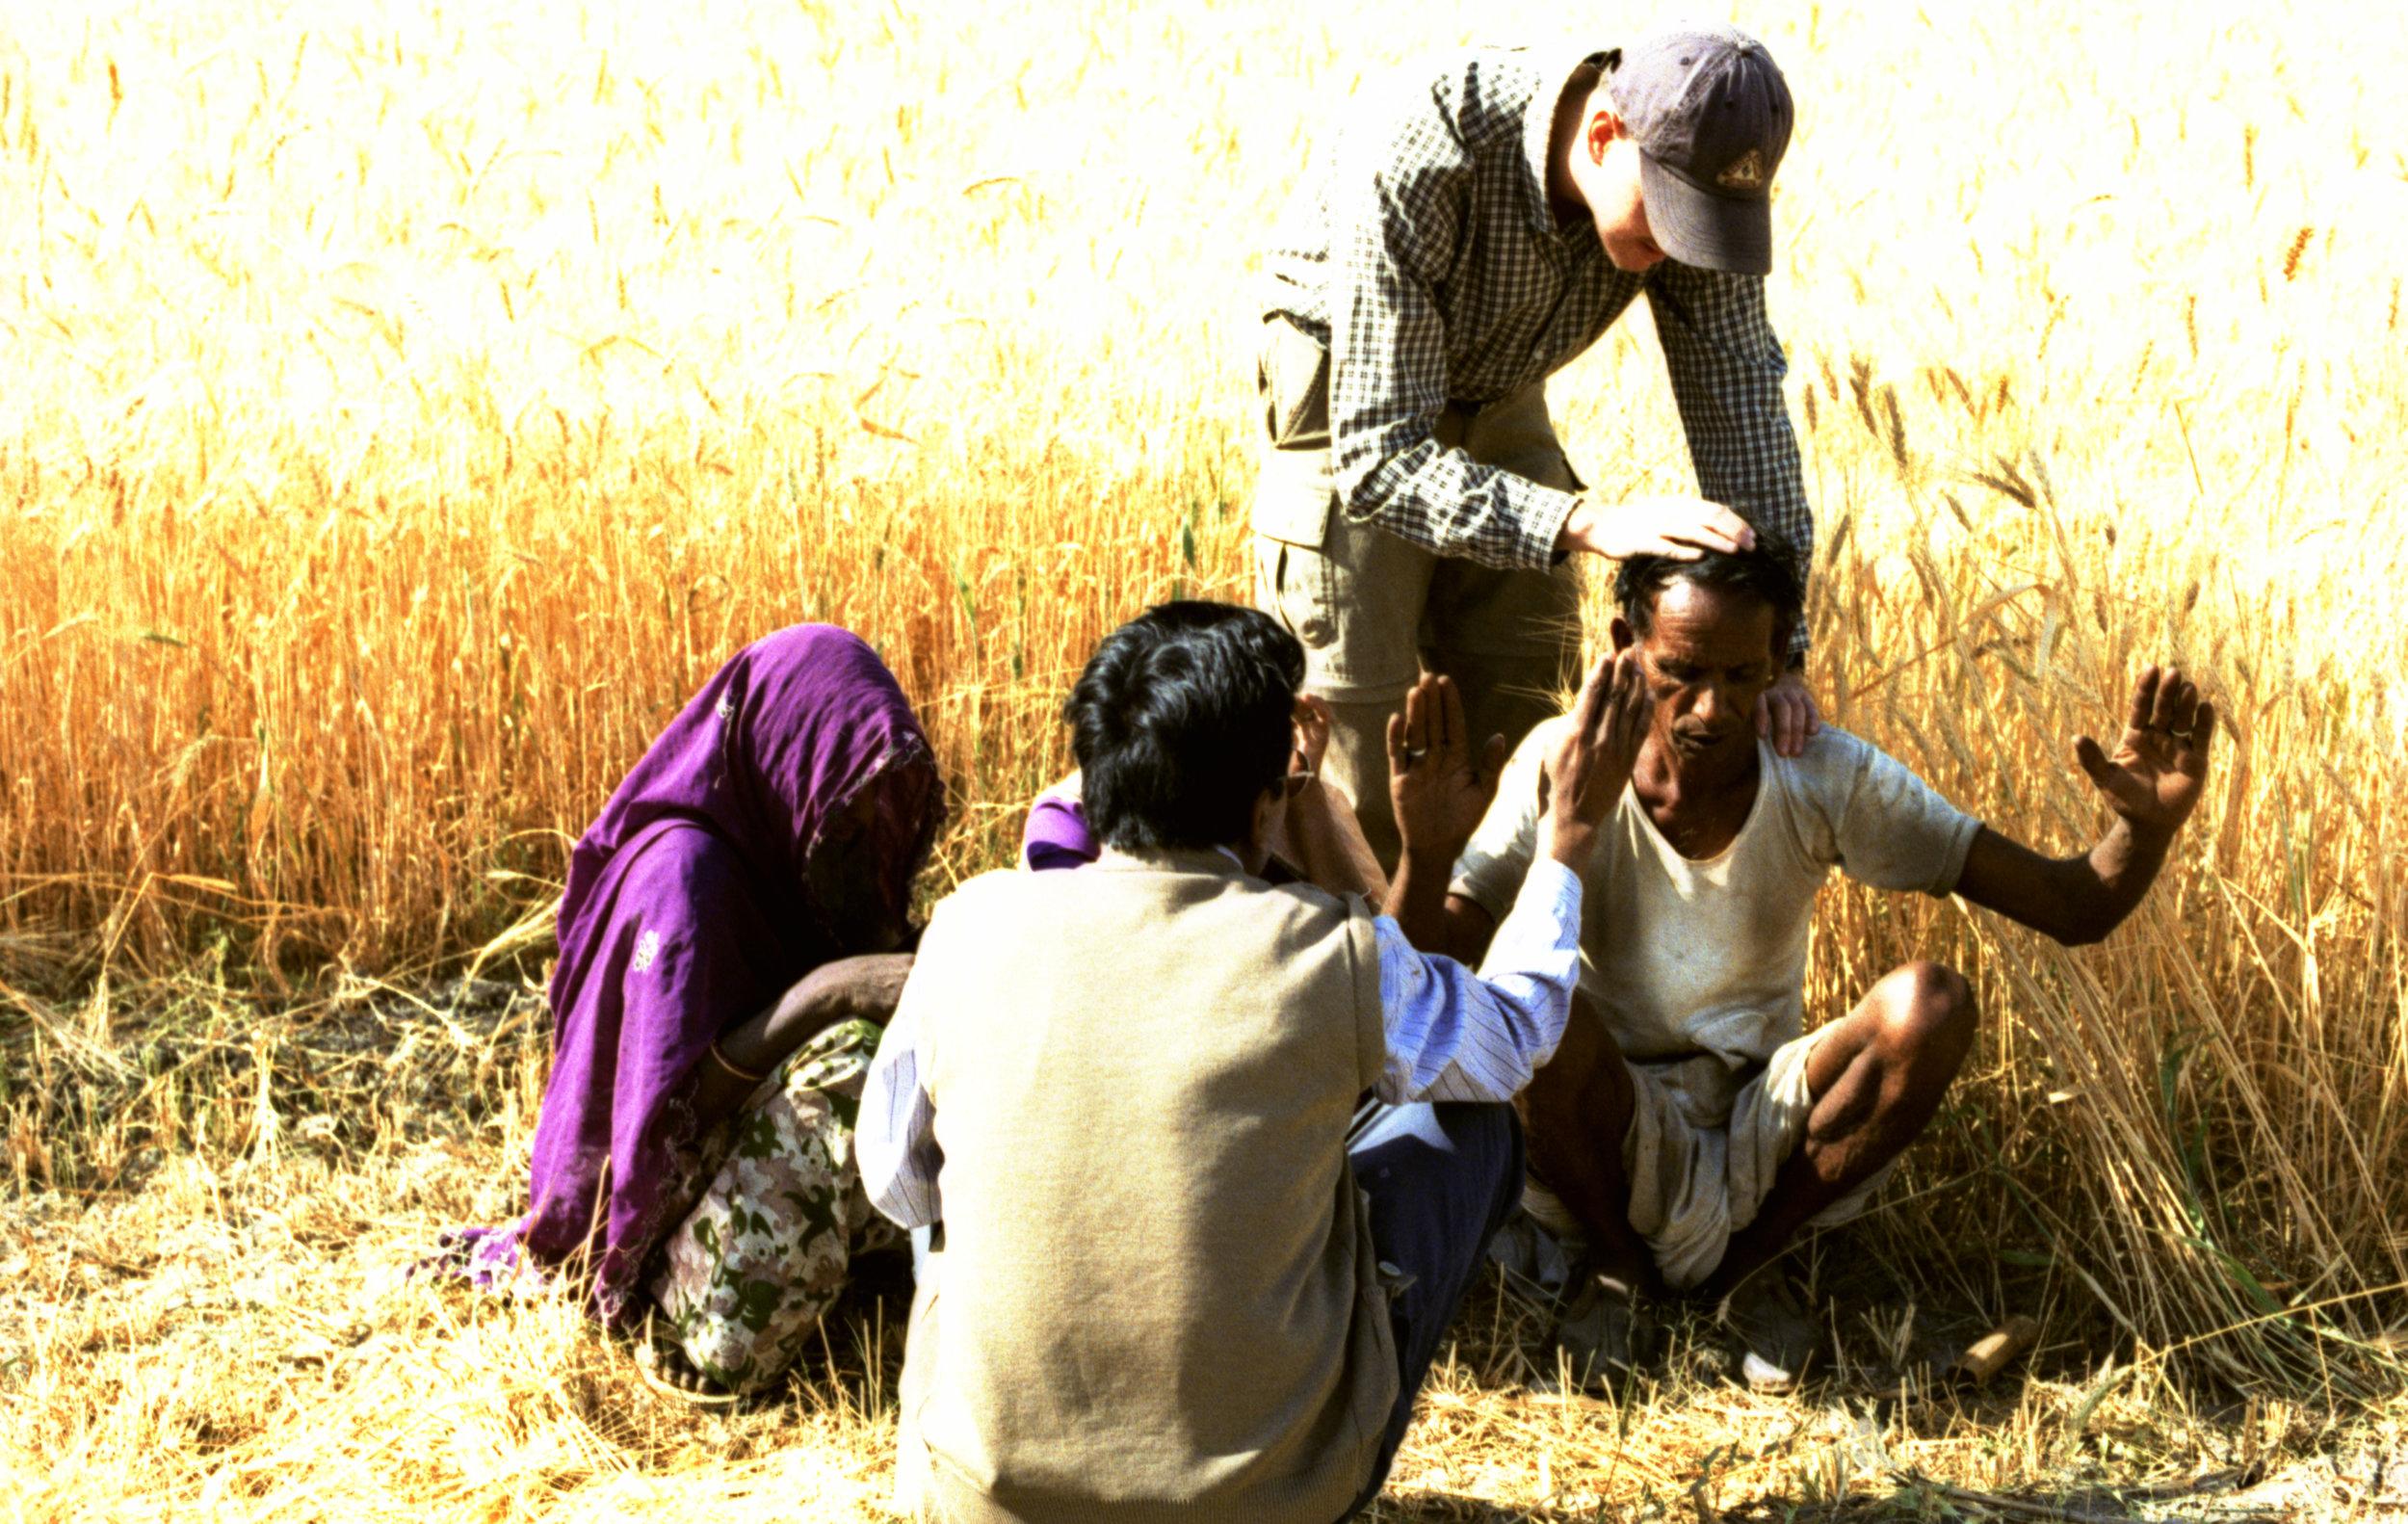 Praying in Field.jpg